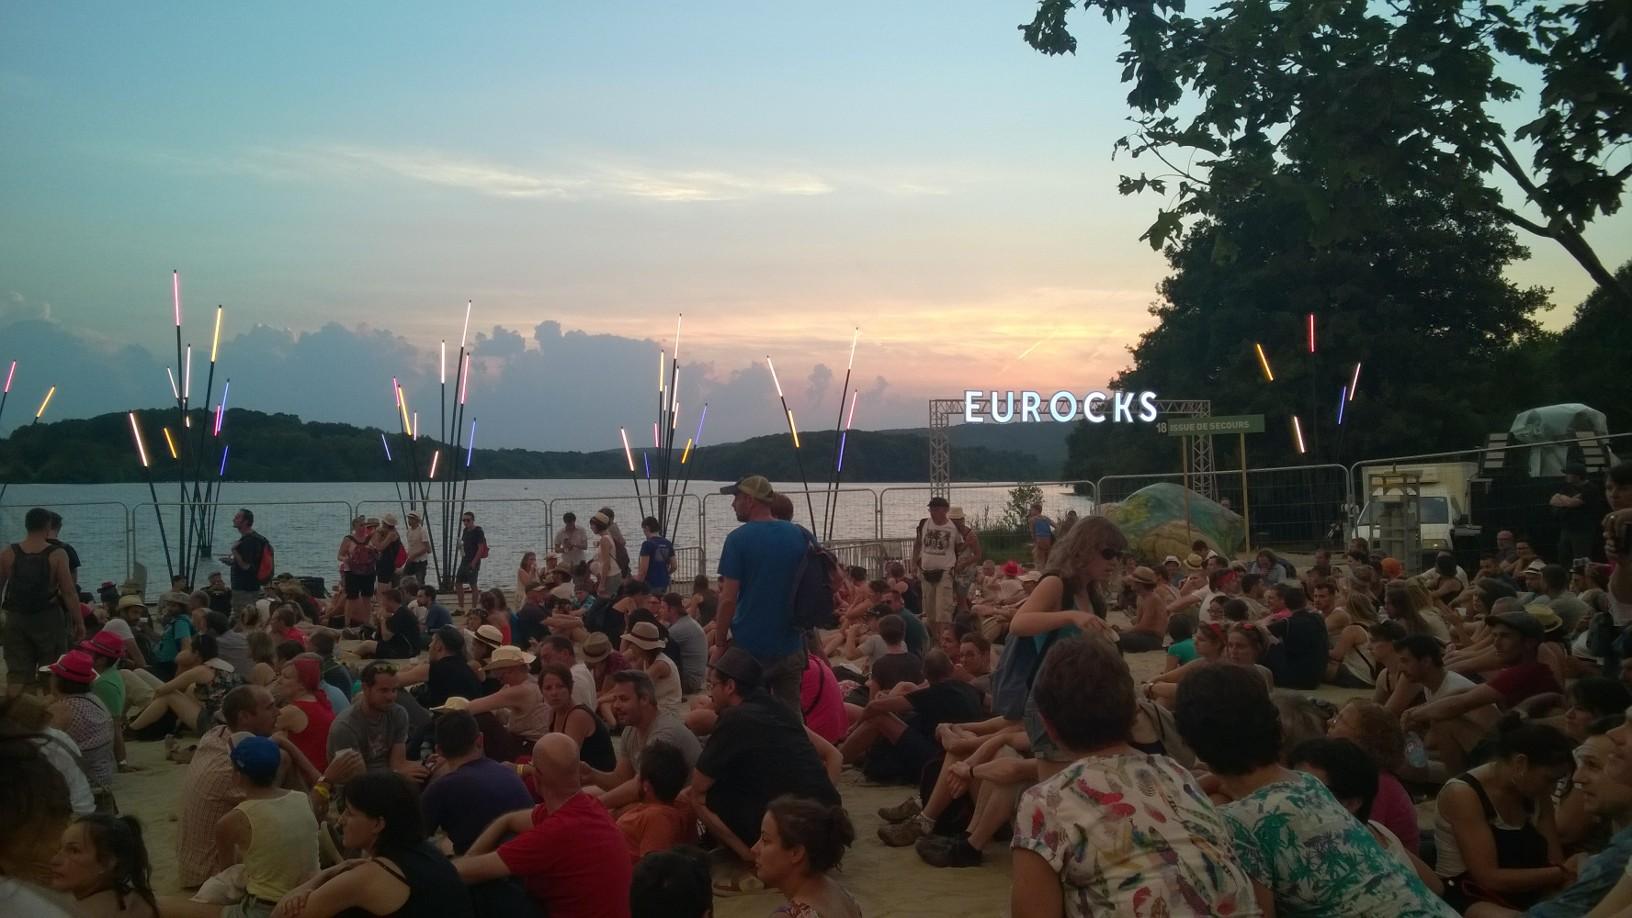 Beau coucher de soleil aux Eurockéennes 2015